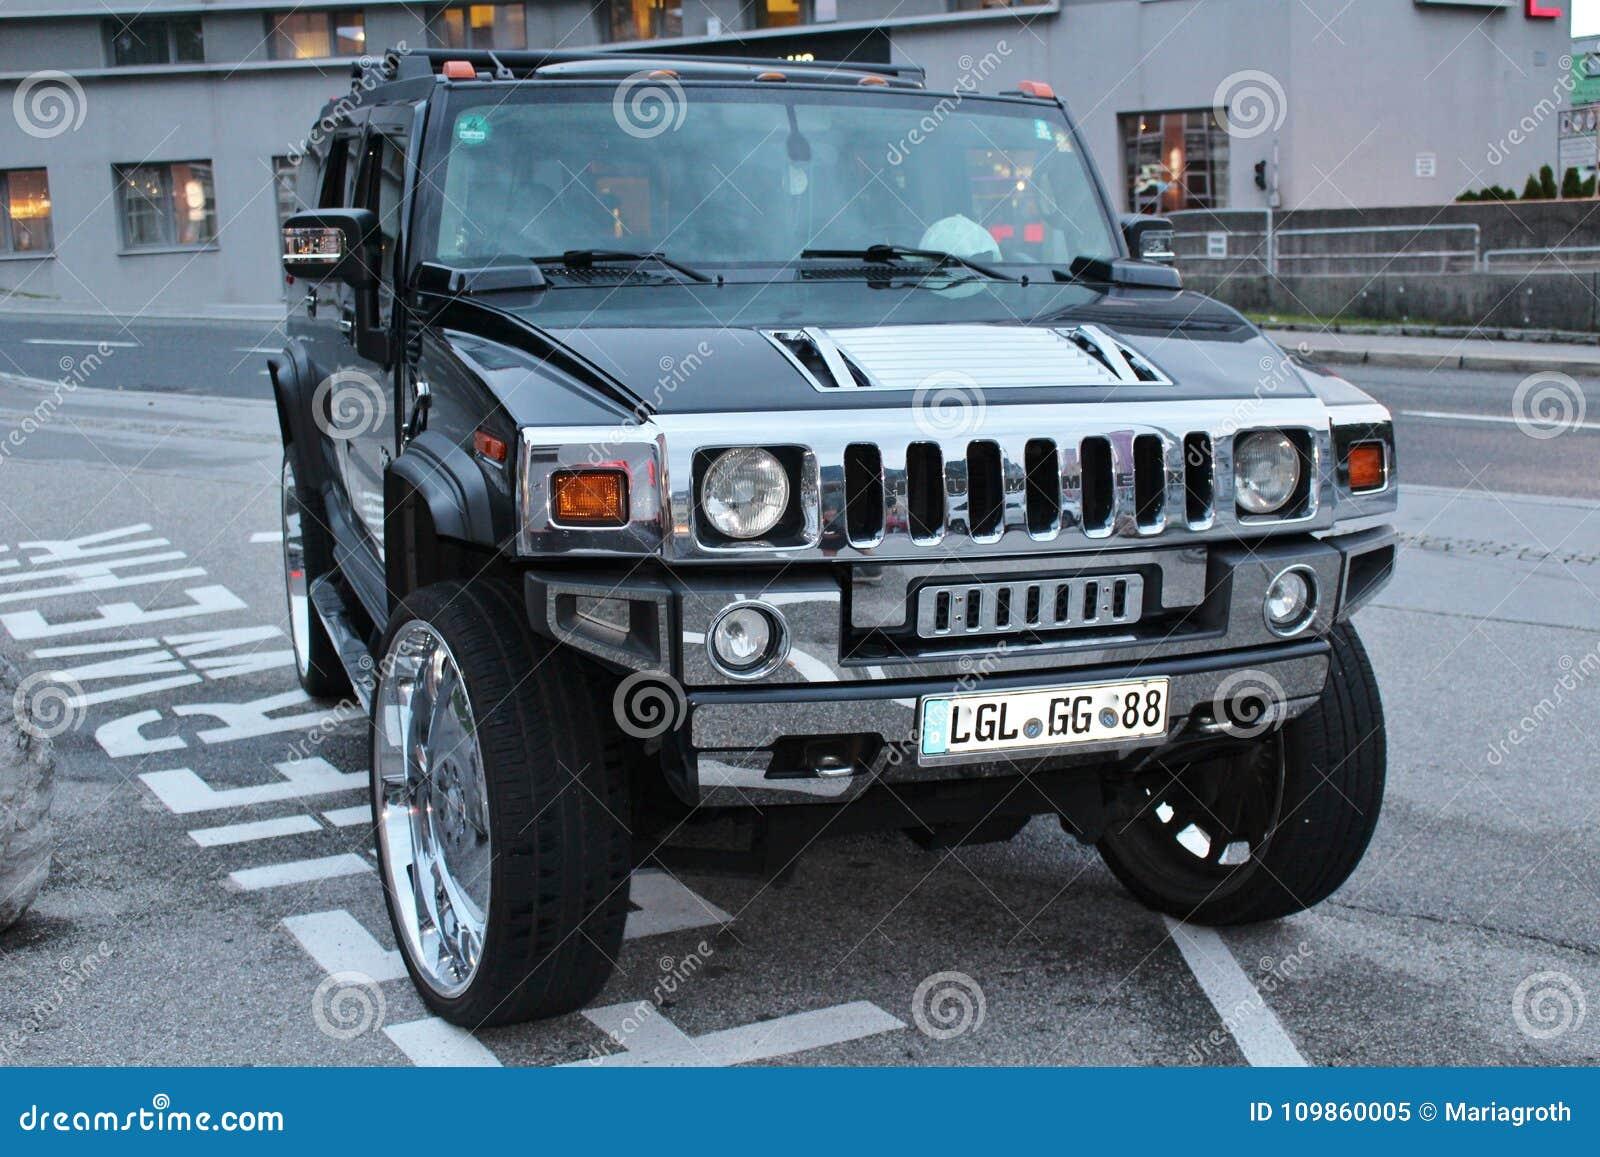 Ein Auto Der Marke Hummer In österreich Redaktionelles Bild Bild